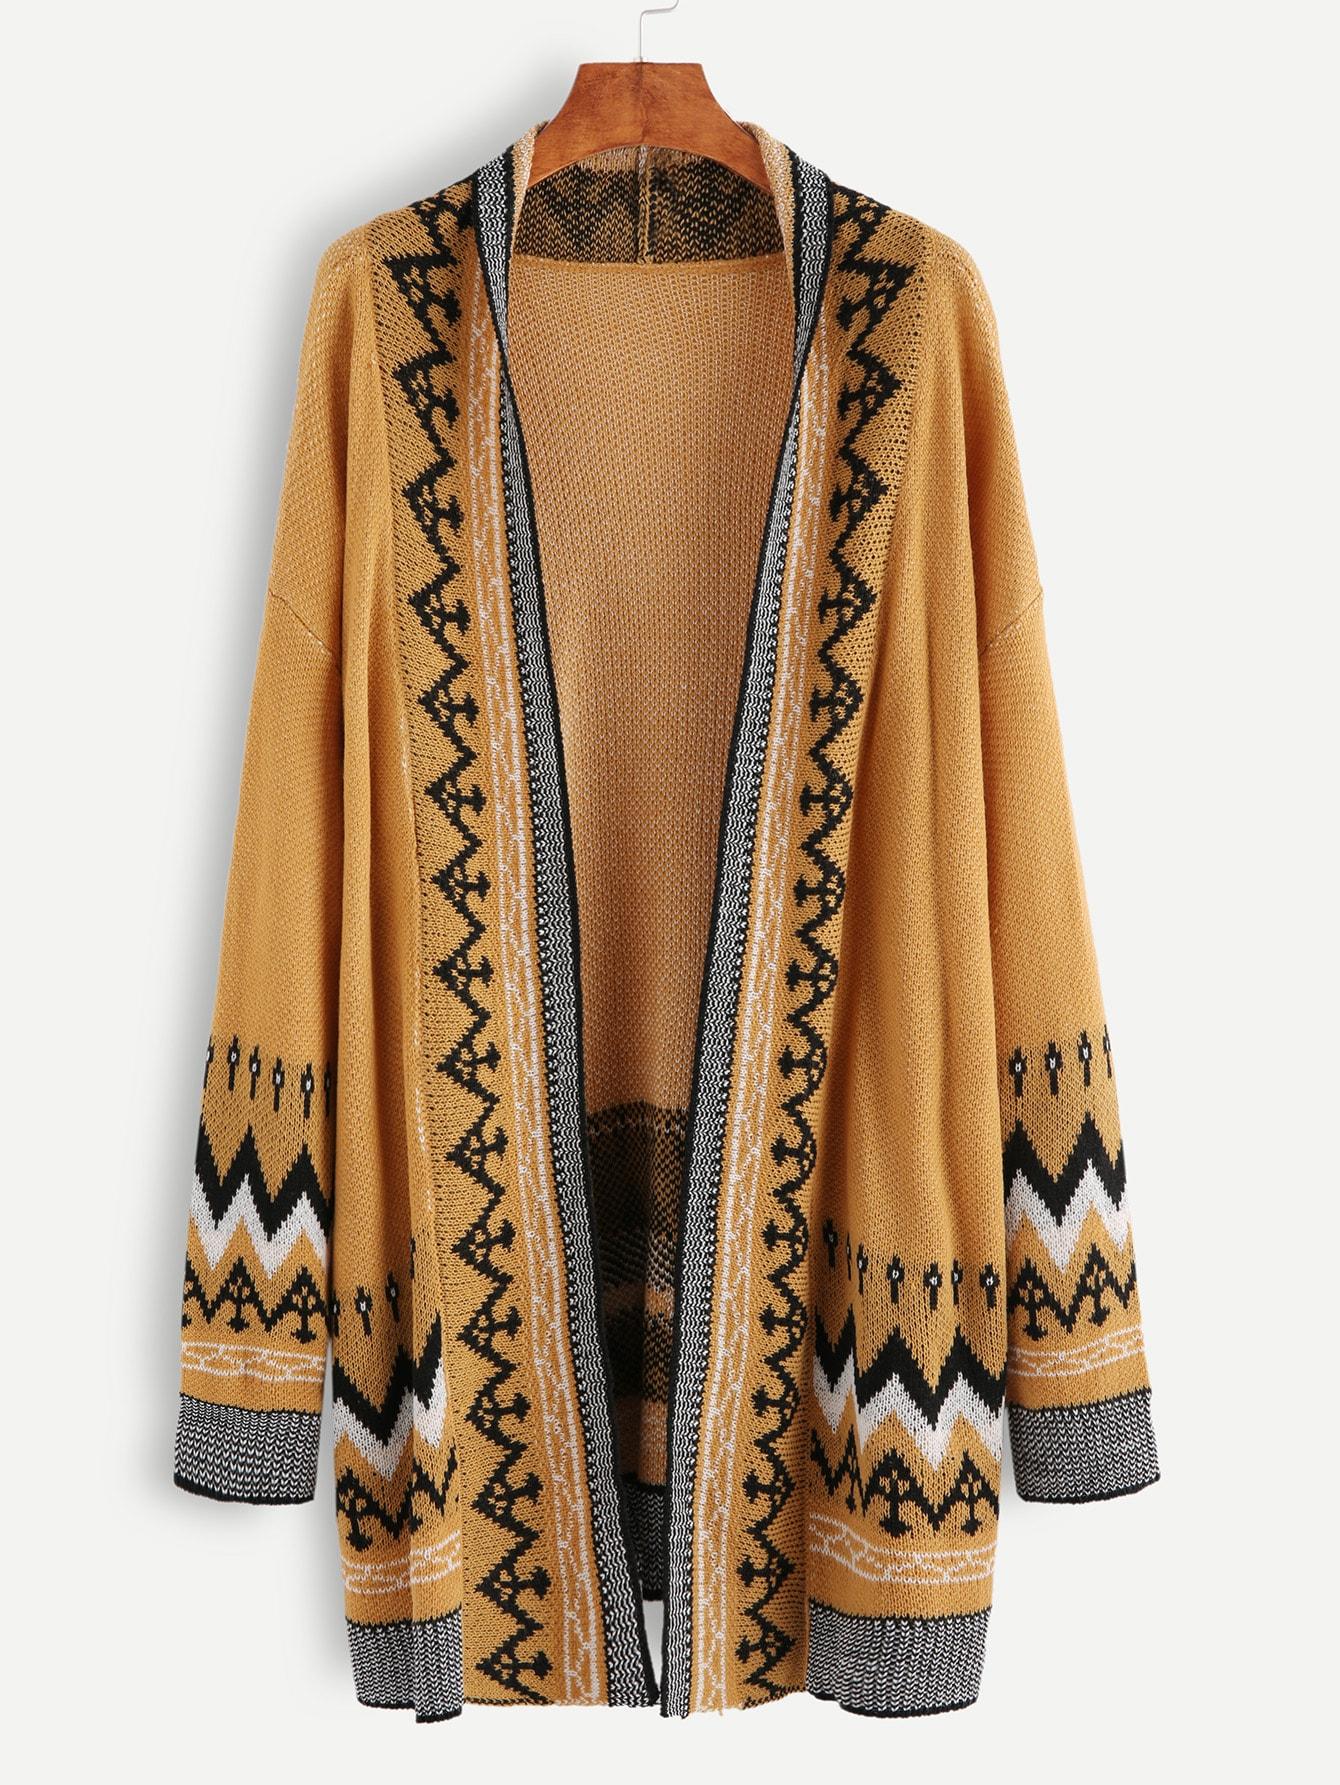 Khaki Drop Shoulder Seam Open Front Sweater Coat sweater161012405